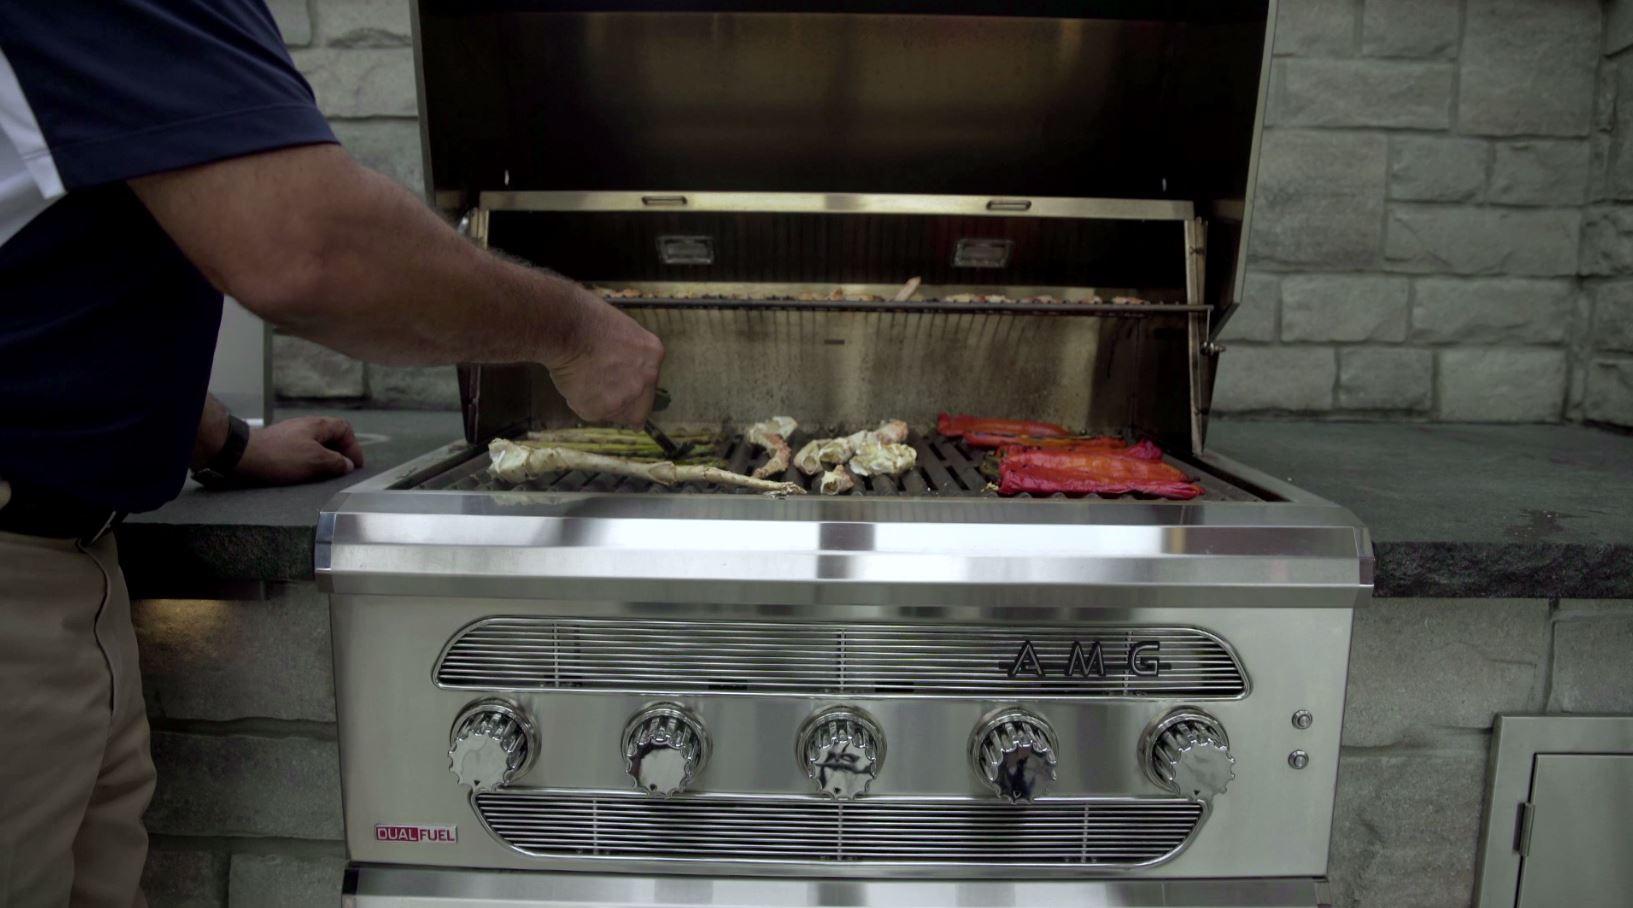 amg grill.jpg